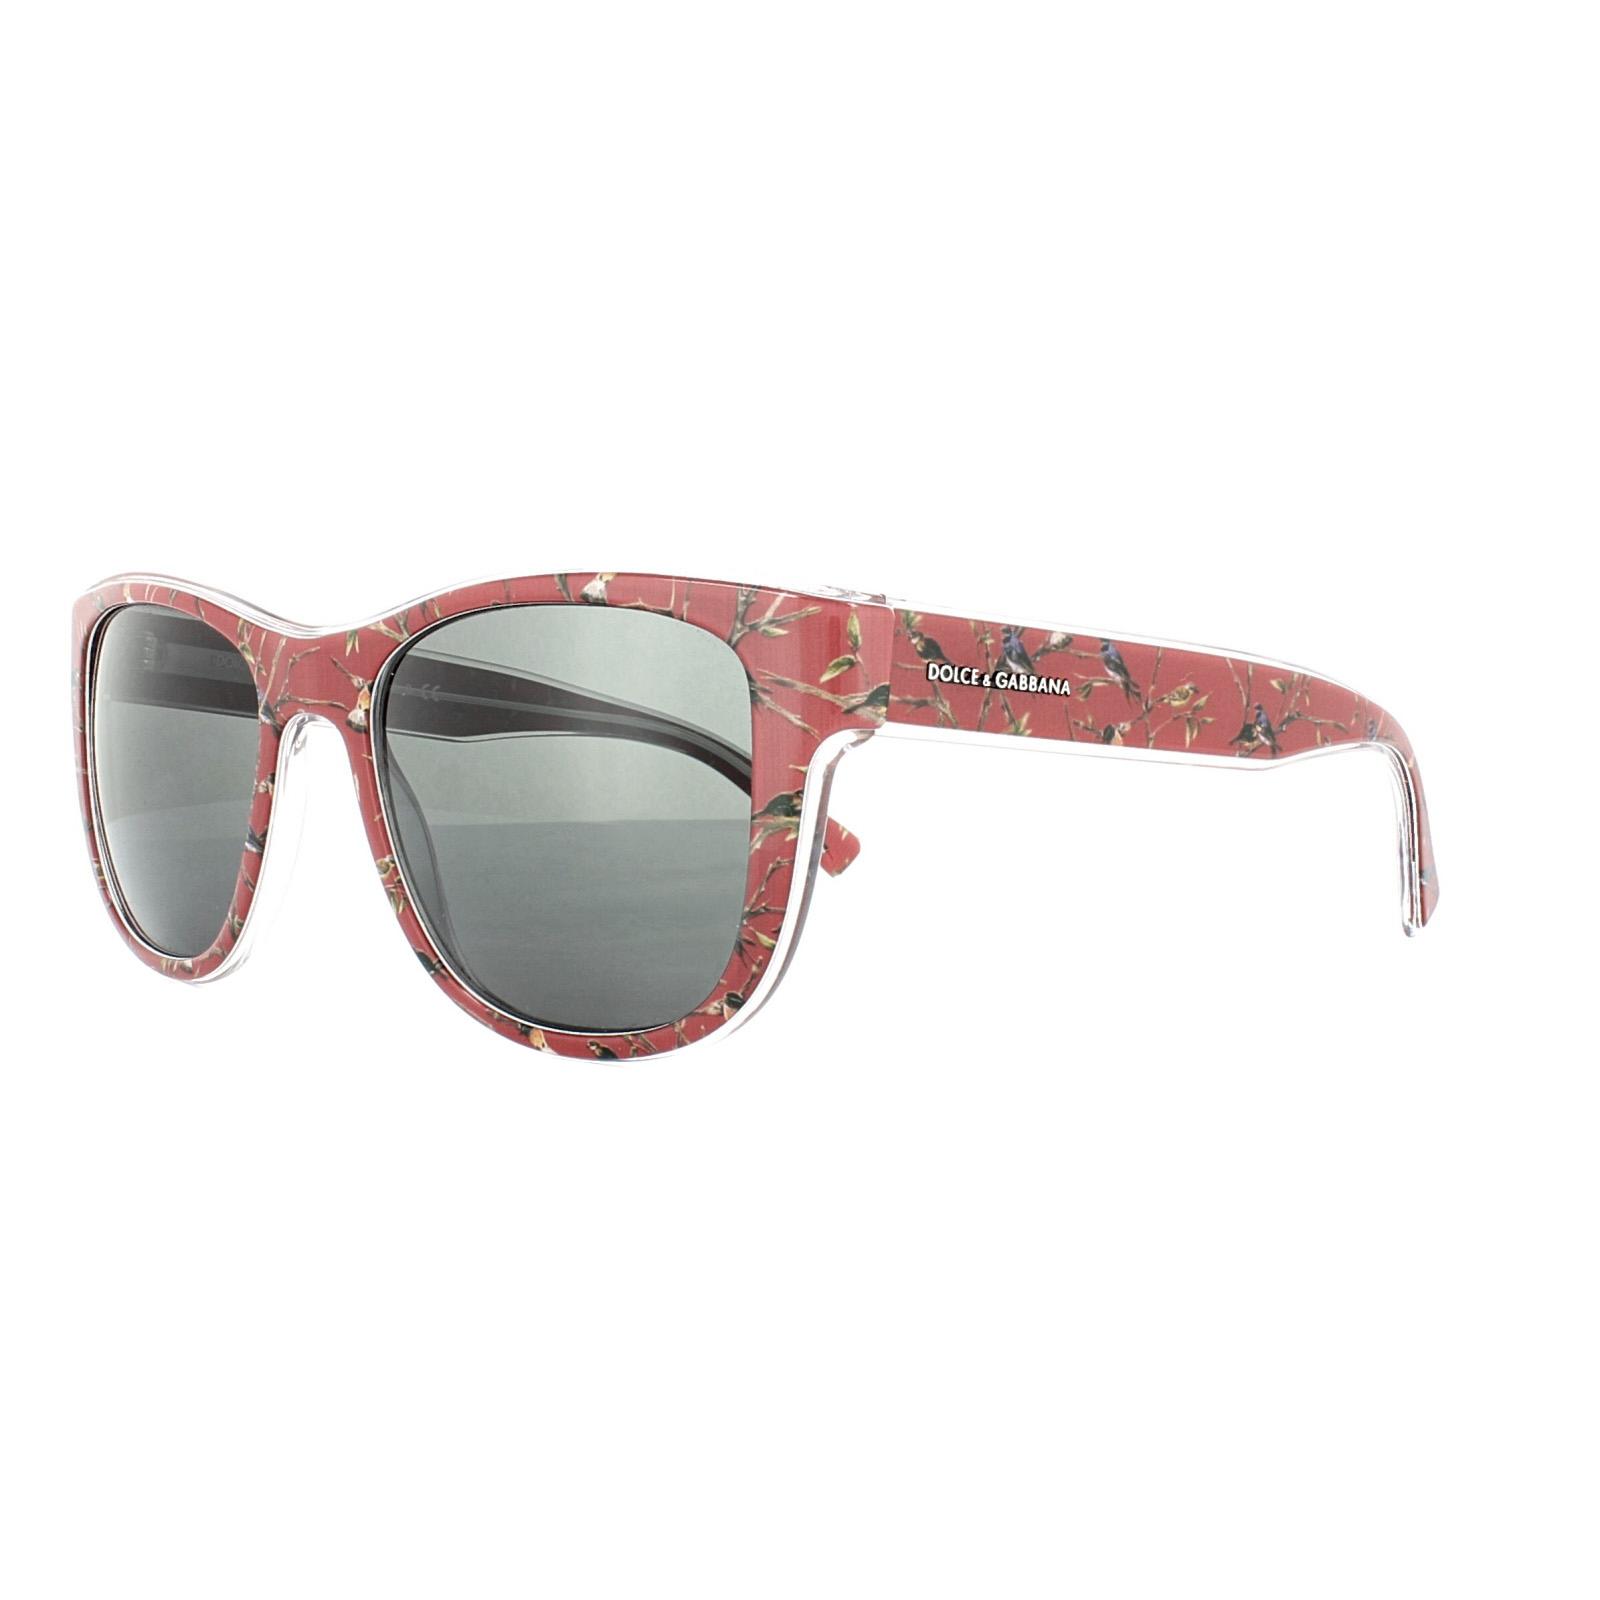 DOLCE & Gabbana Gafas de sol 4284 3054/87 ROJO Pájaros Gris | eBay